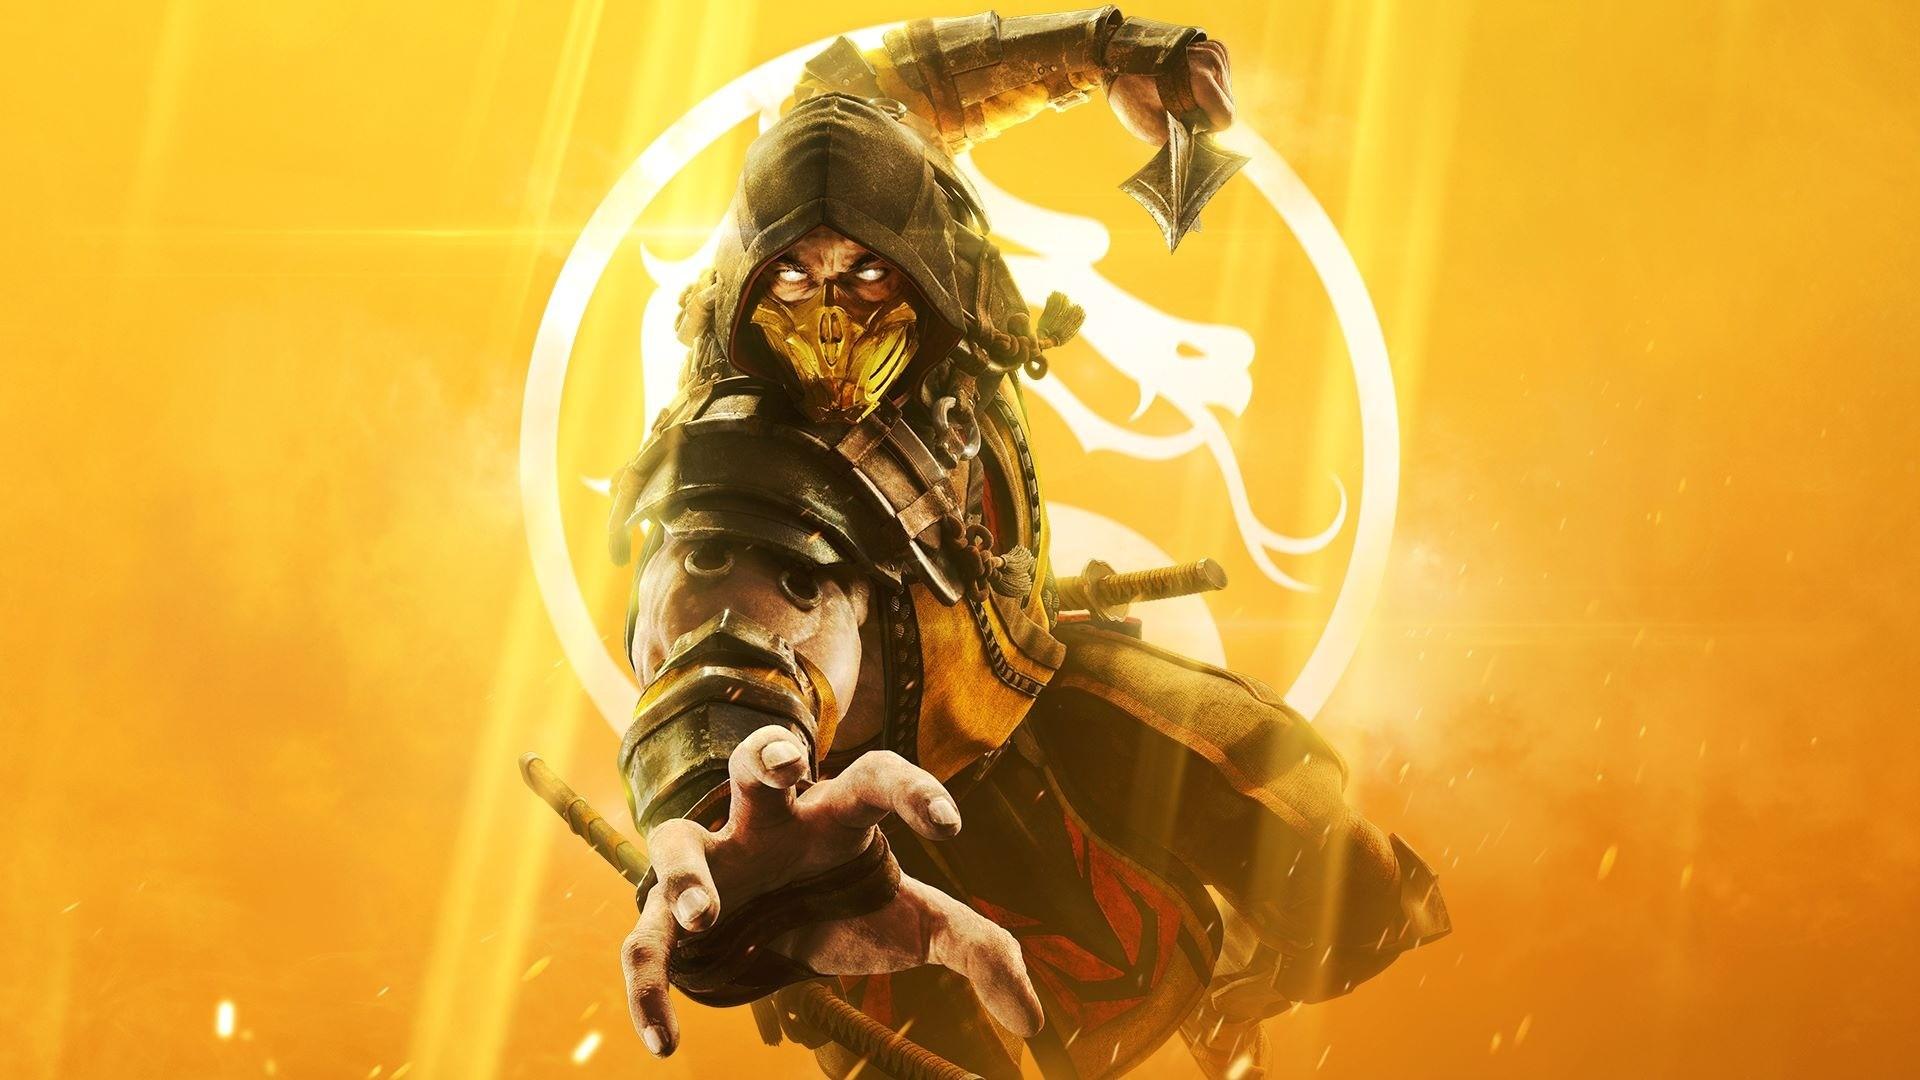 Mortal Kombat 11 самая продаваемая игра в России в первой половине 2021 года